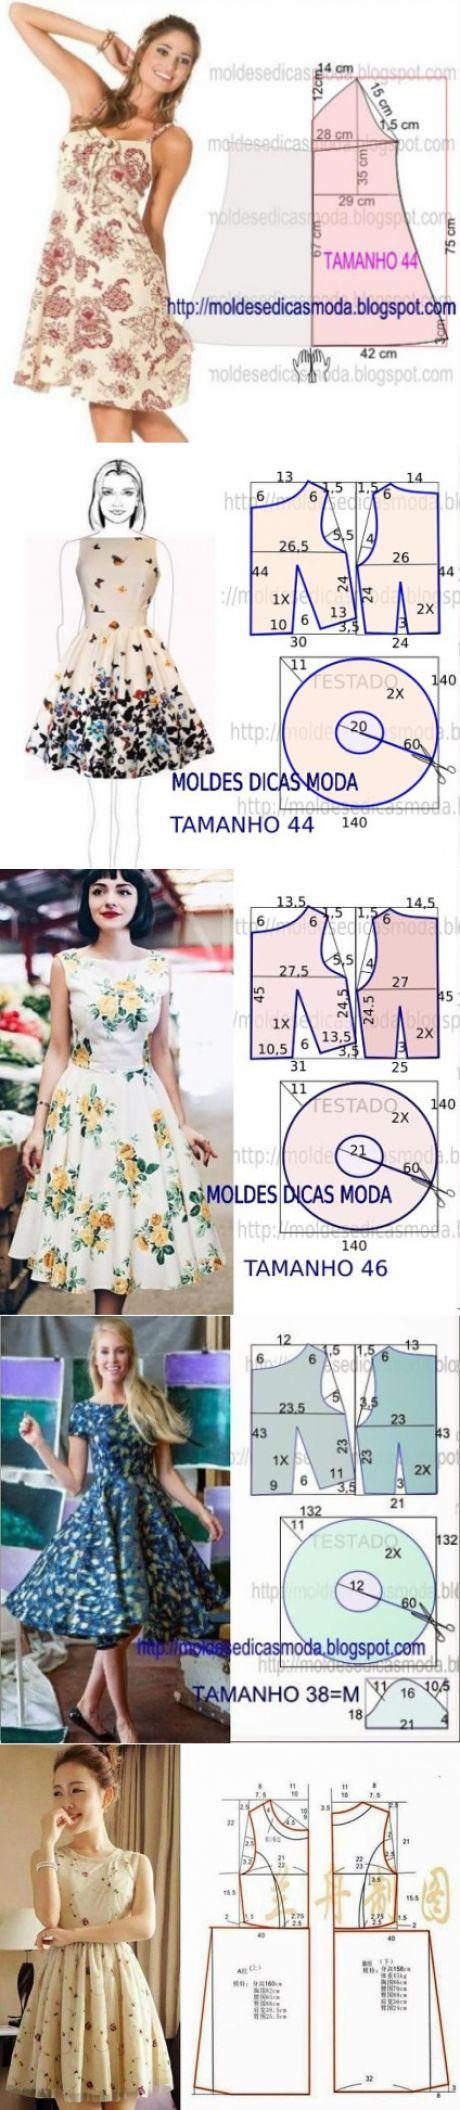 137 best Moldes y patrones images on Pinterest | Patron de couture ...